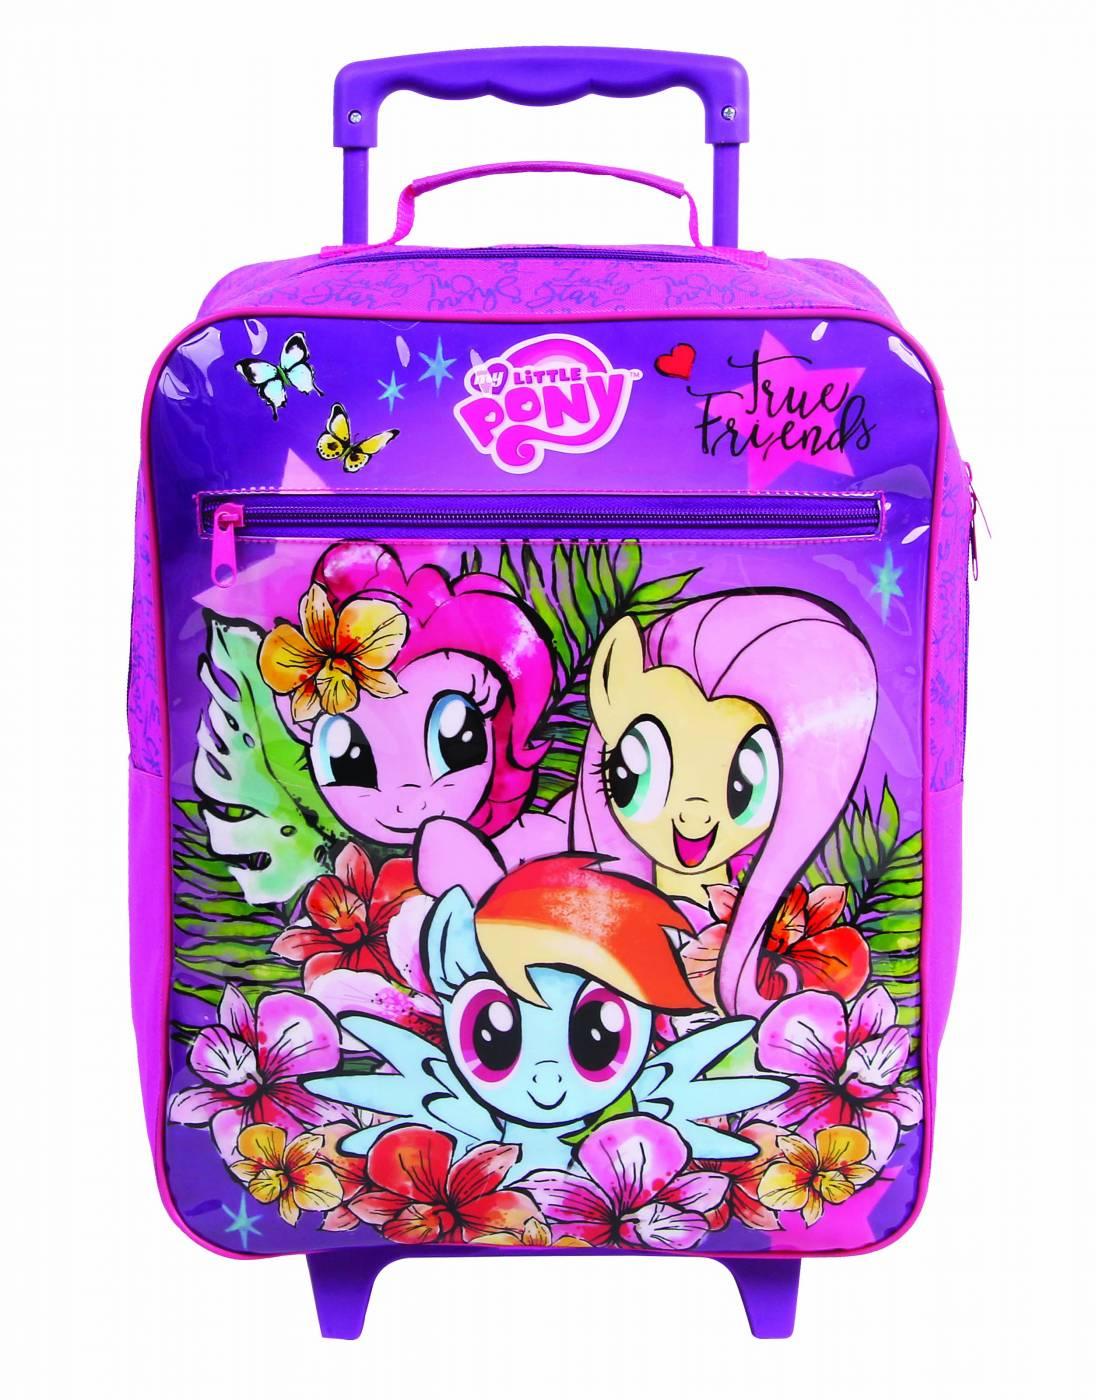 Mochilete Grande DMW My Little Pony 11148